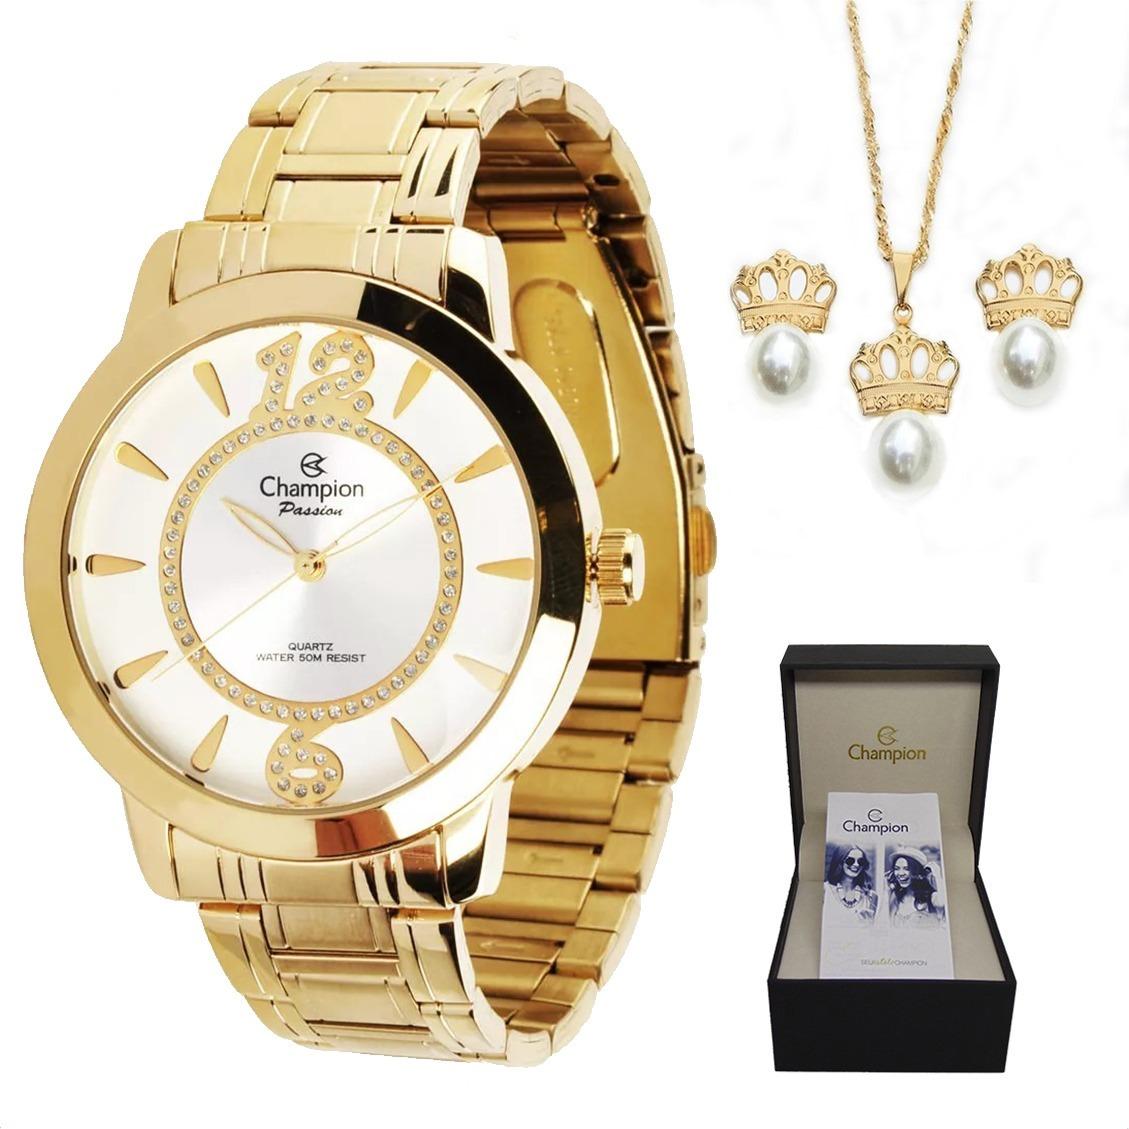 9a6ad1779d6 relógio champion feminino top dourado ch24259h + kit brinde. Carregando zoom .